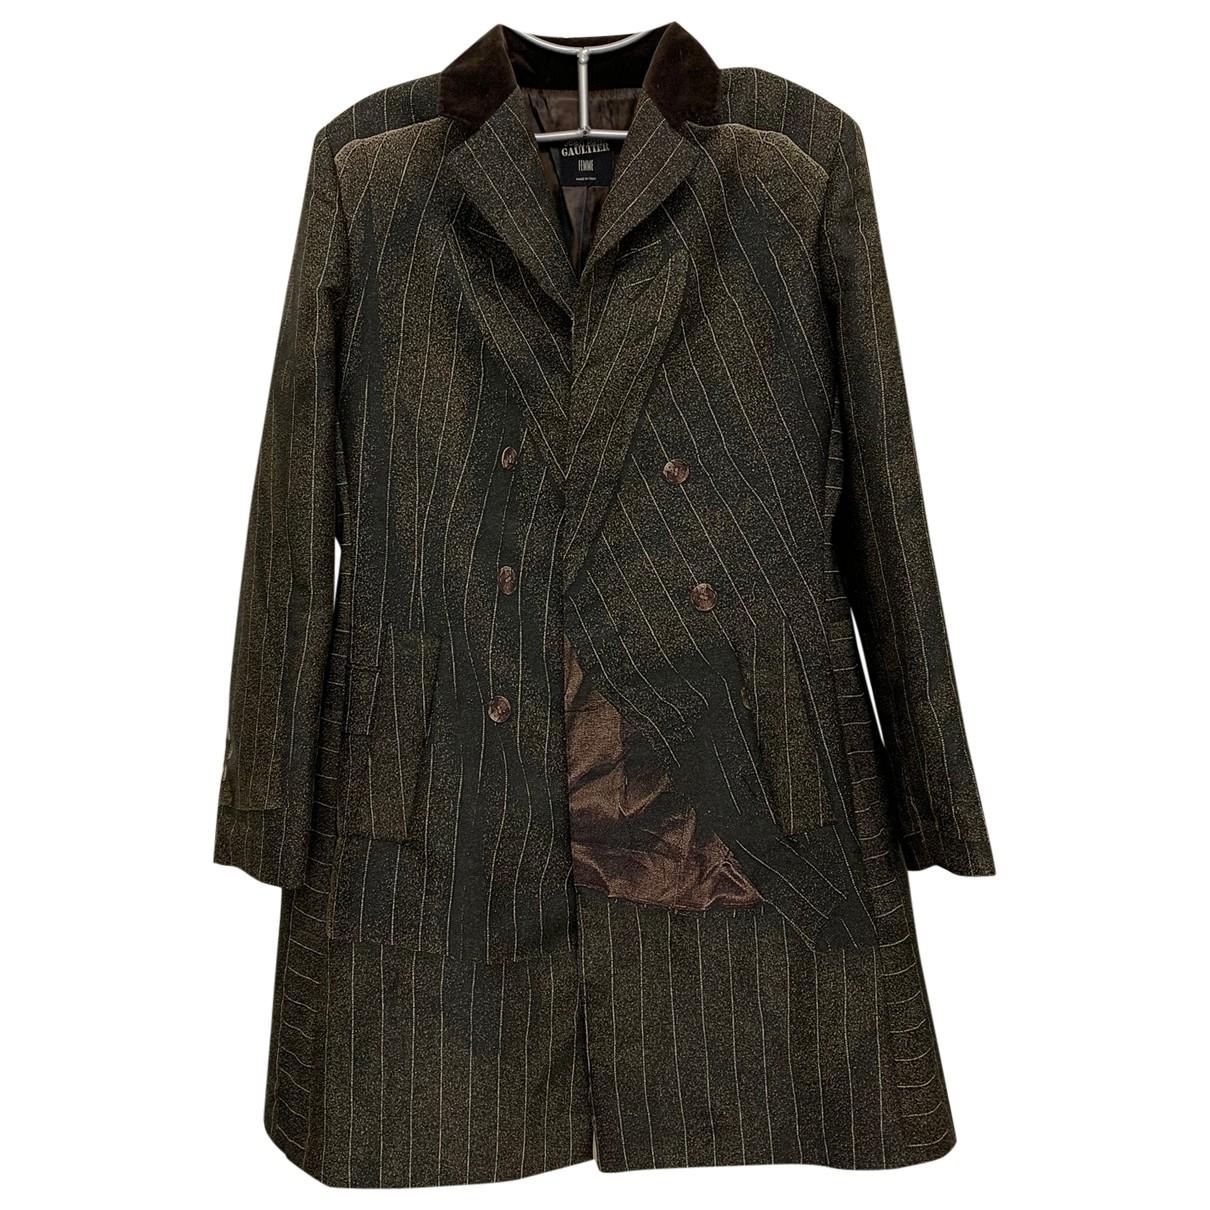 Jean Paul Gaultier - Manteau   pour femme - multicolore